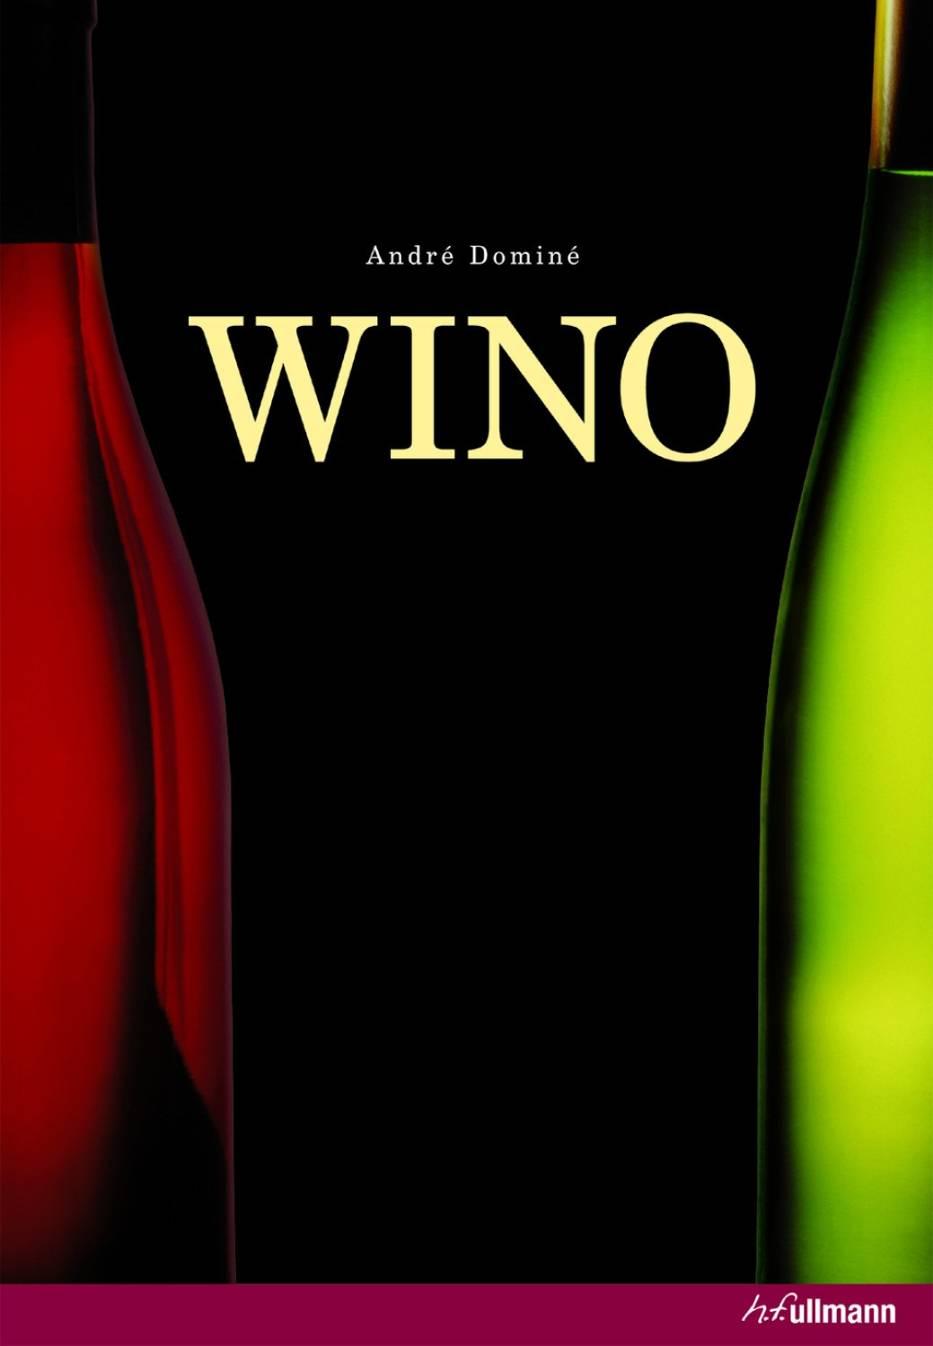 Wino - Andre Domine